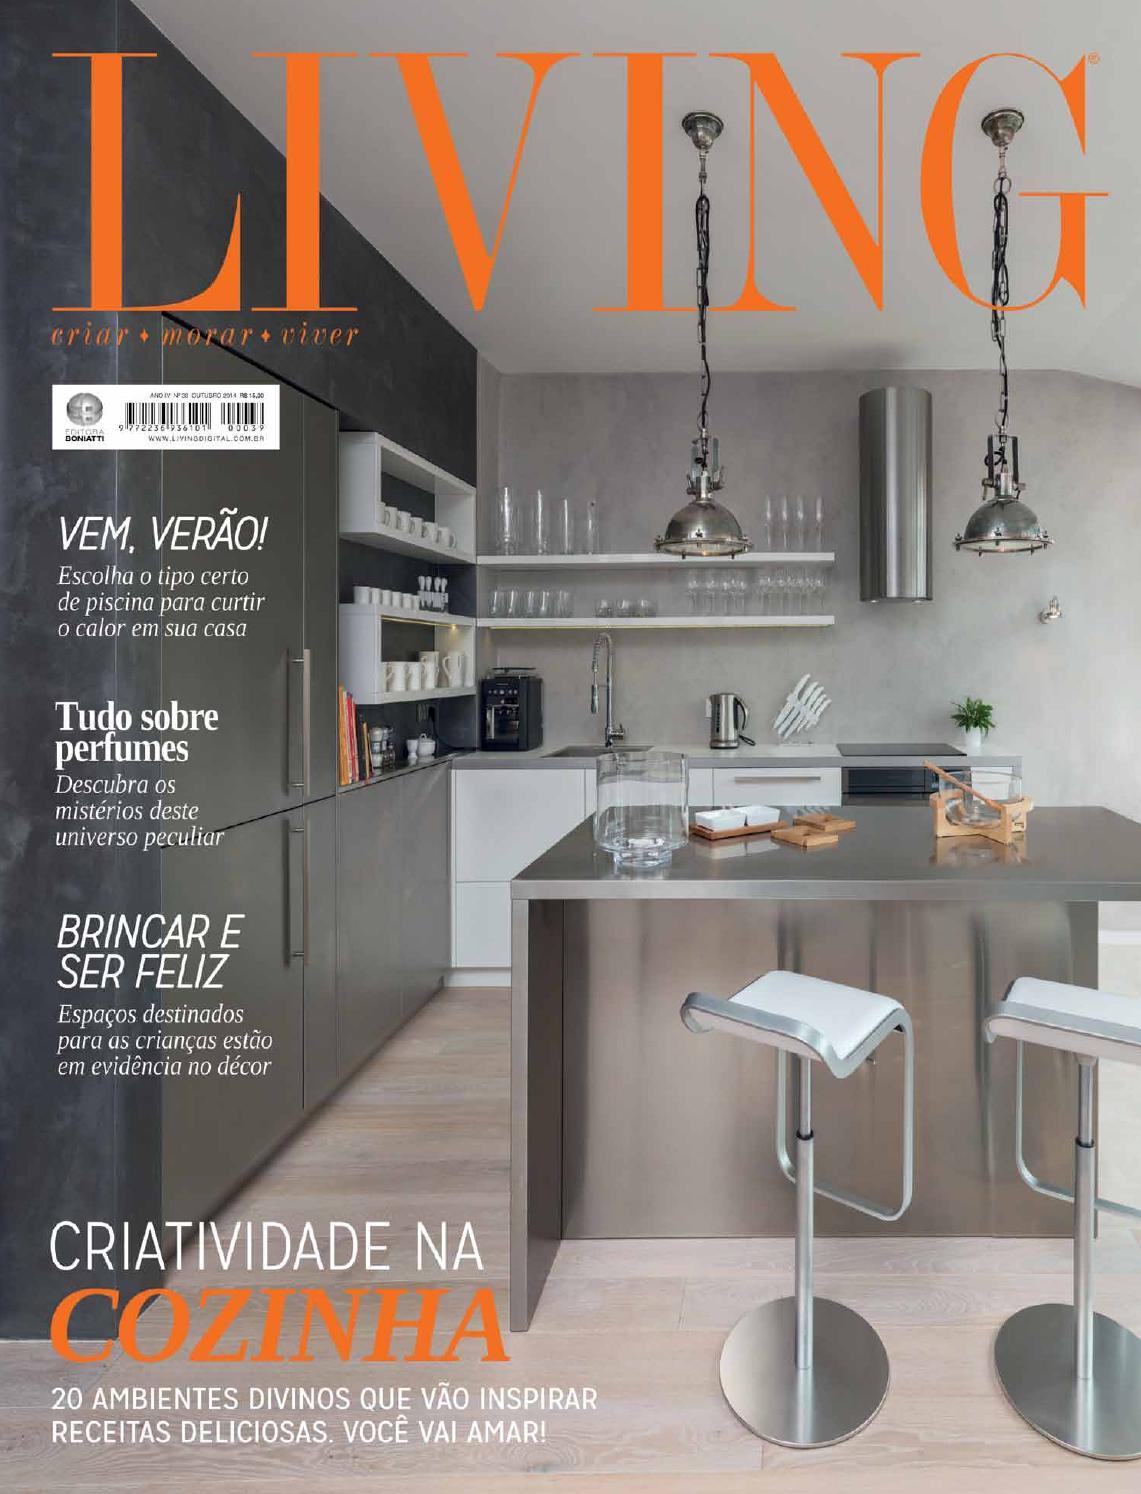 b27c8996ac4b2 Revista Living - Edição nº39 - Outubro de 2014 by Revista Living - issuu